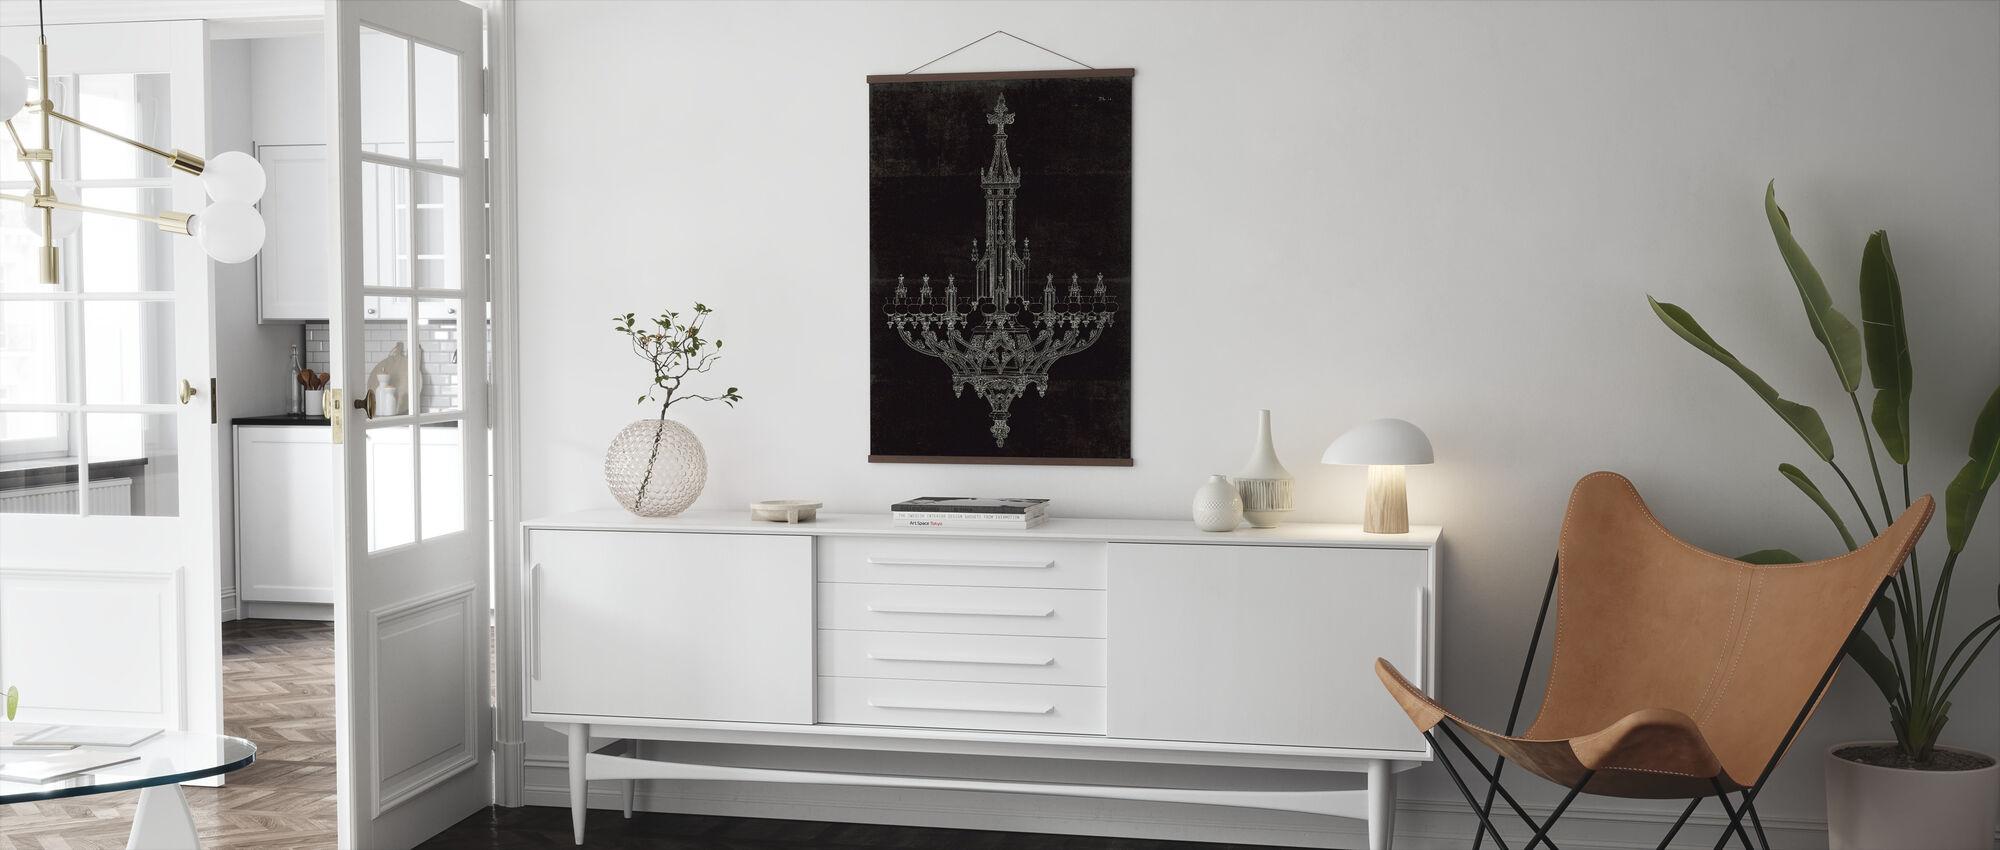 Chelsea Chandelier - Poster - Living Room